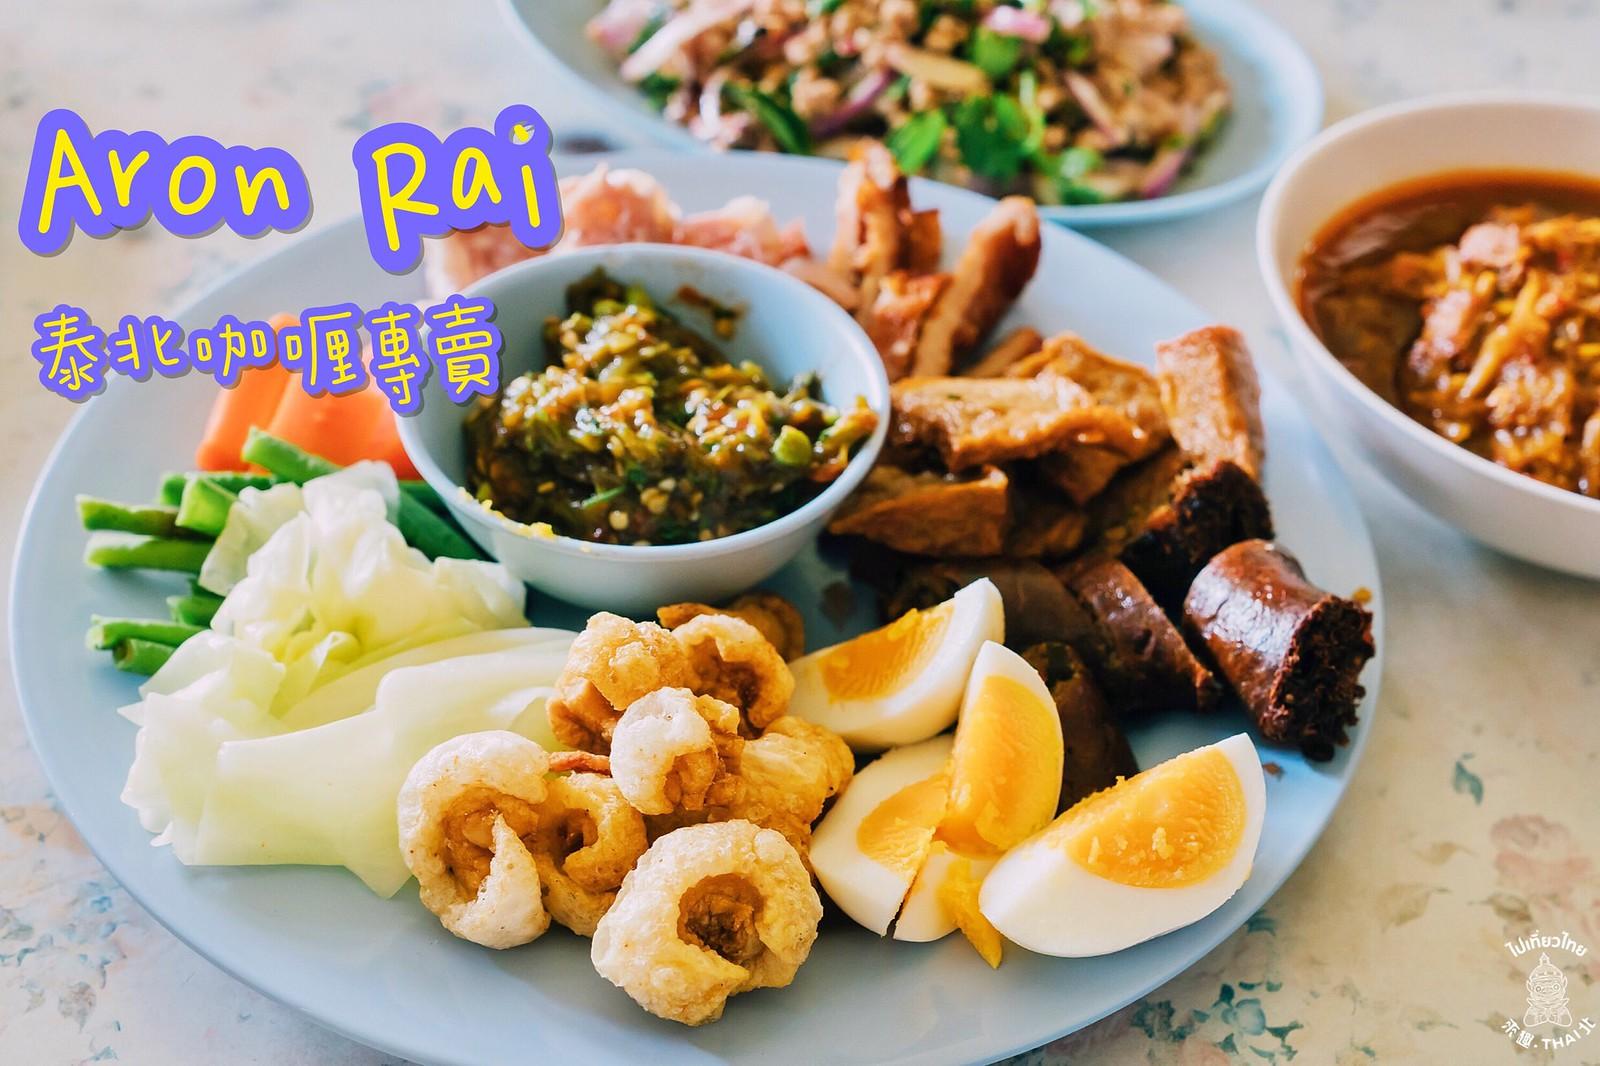 清邁超過60年老泰北餐廳『Aroon Rai』